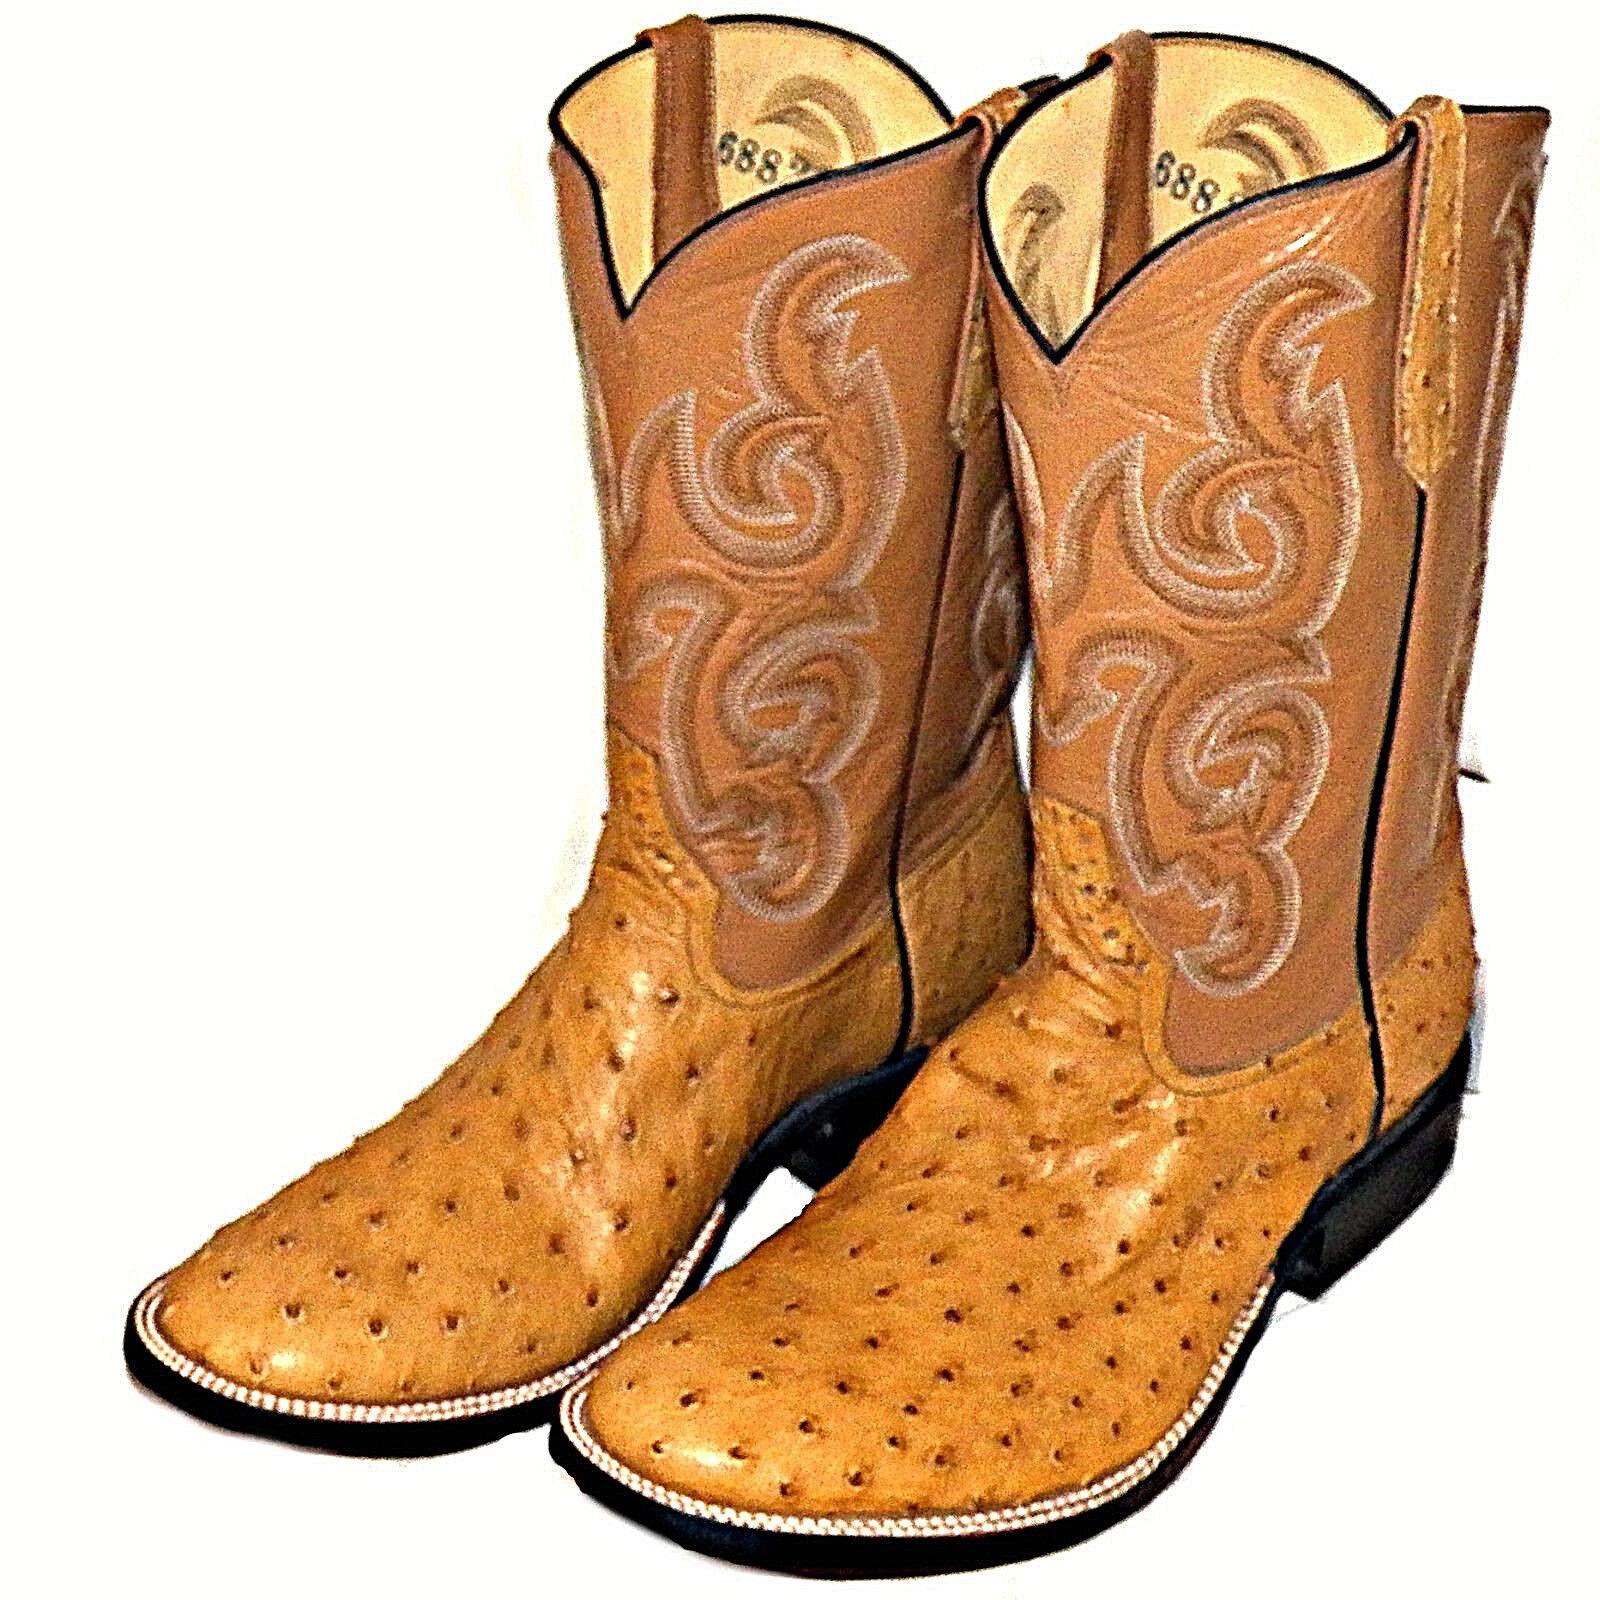 Silla Antigua Rios Of Mercedes Completo Pluma Avestruz vestido de vaquero botas hombres 10 E